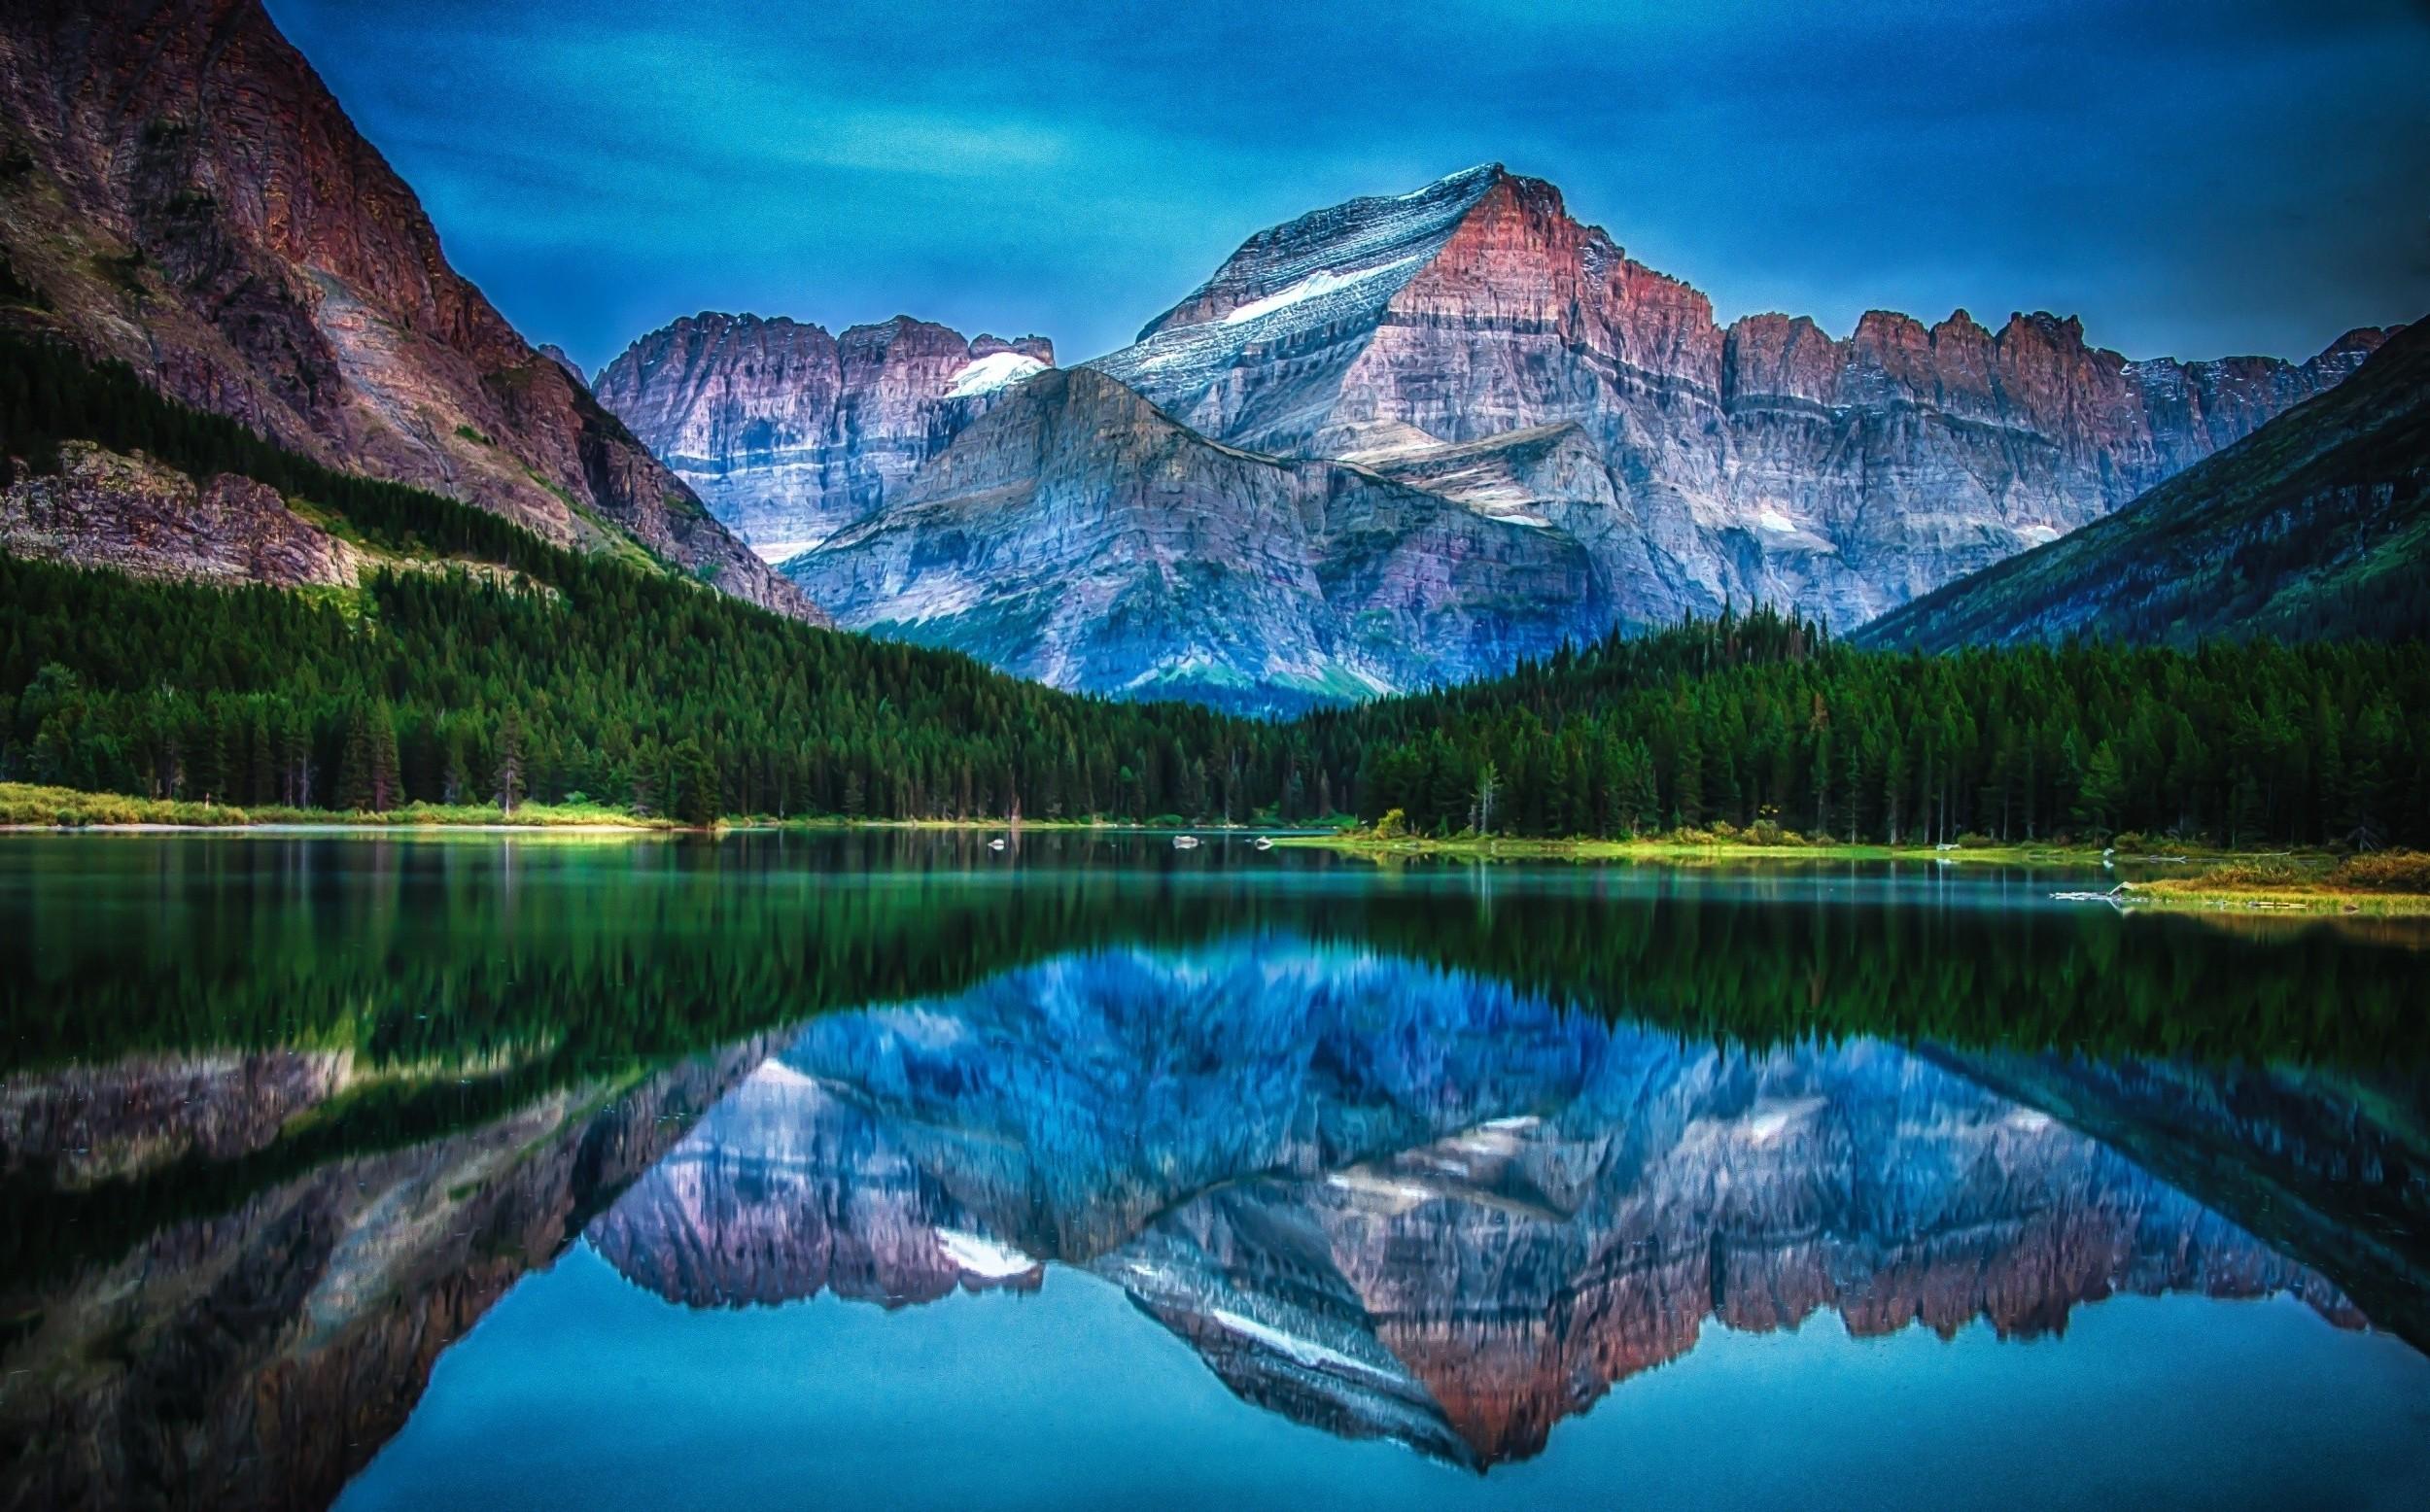 صورة اجمل صور الطبيعه , بالصور اجمل المناظر الطبيعيه